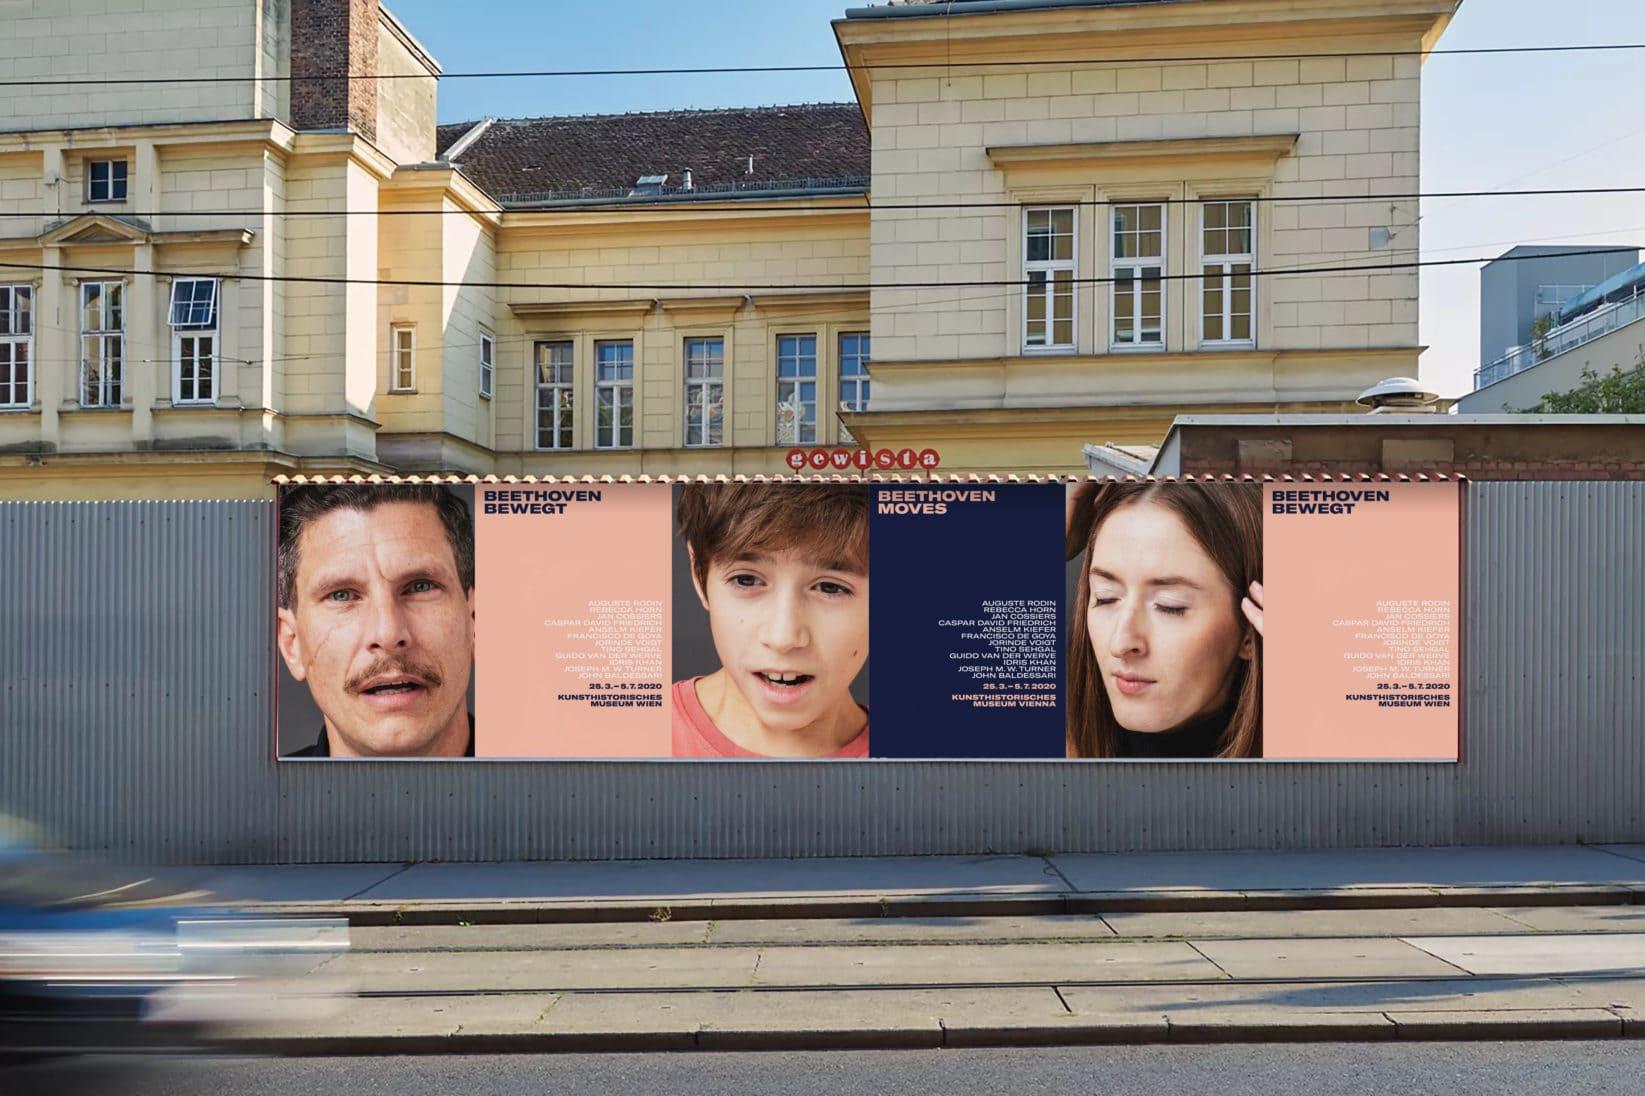 Kunsthistorisches Museum Wien Beethoven Plakatkampagne